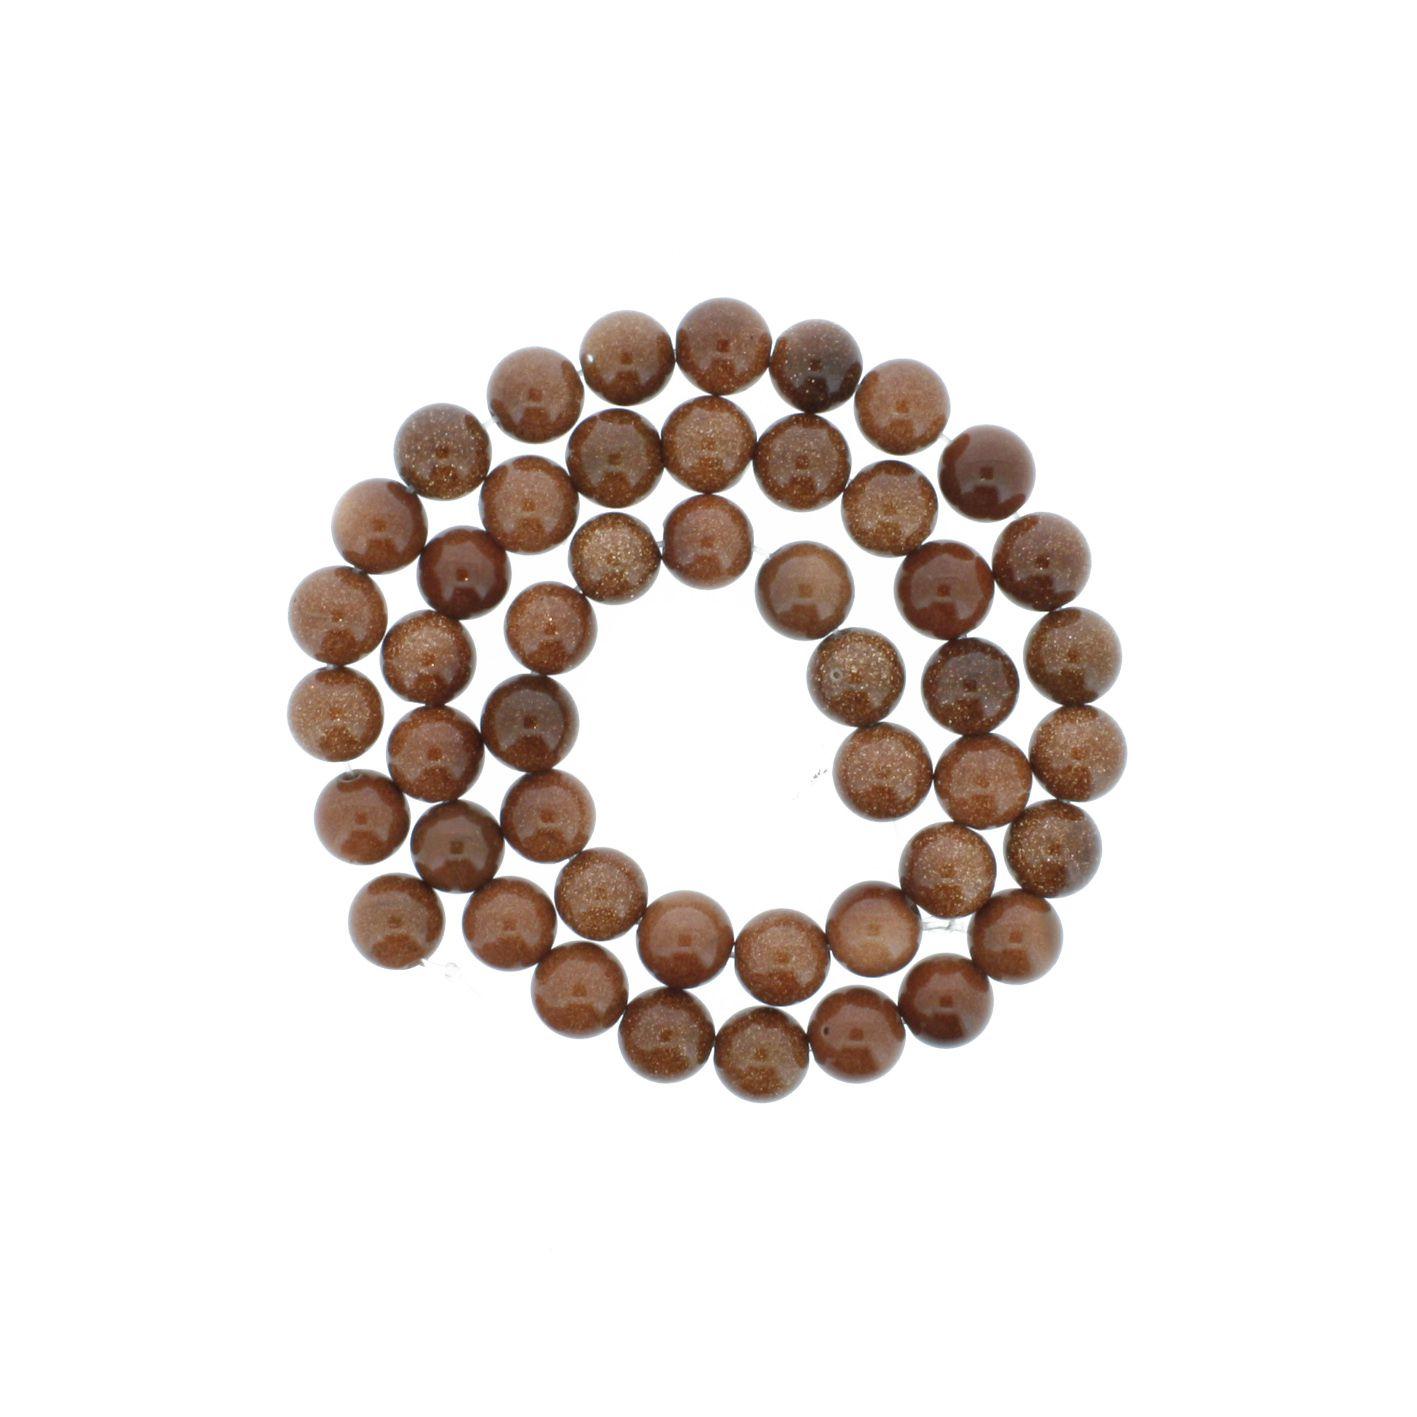 Fio de Pedra - Pedra do Sol - 8mm  - Stéphanie Bijoux® - Peças para Bijuterias e Artesanato